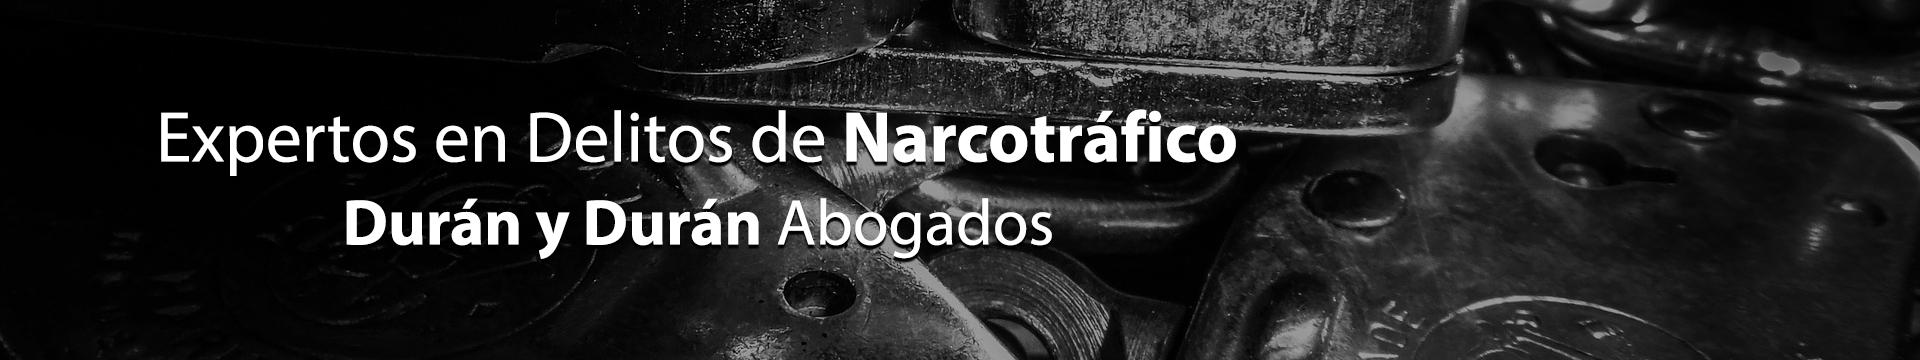 Delito de Narcotráfico